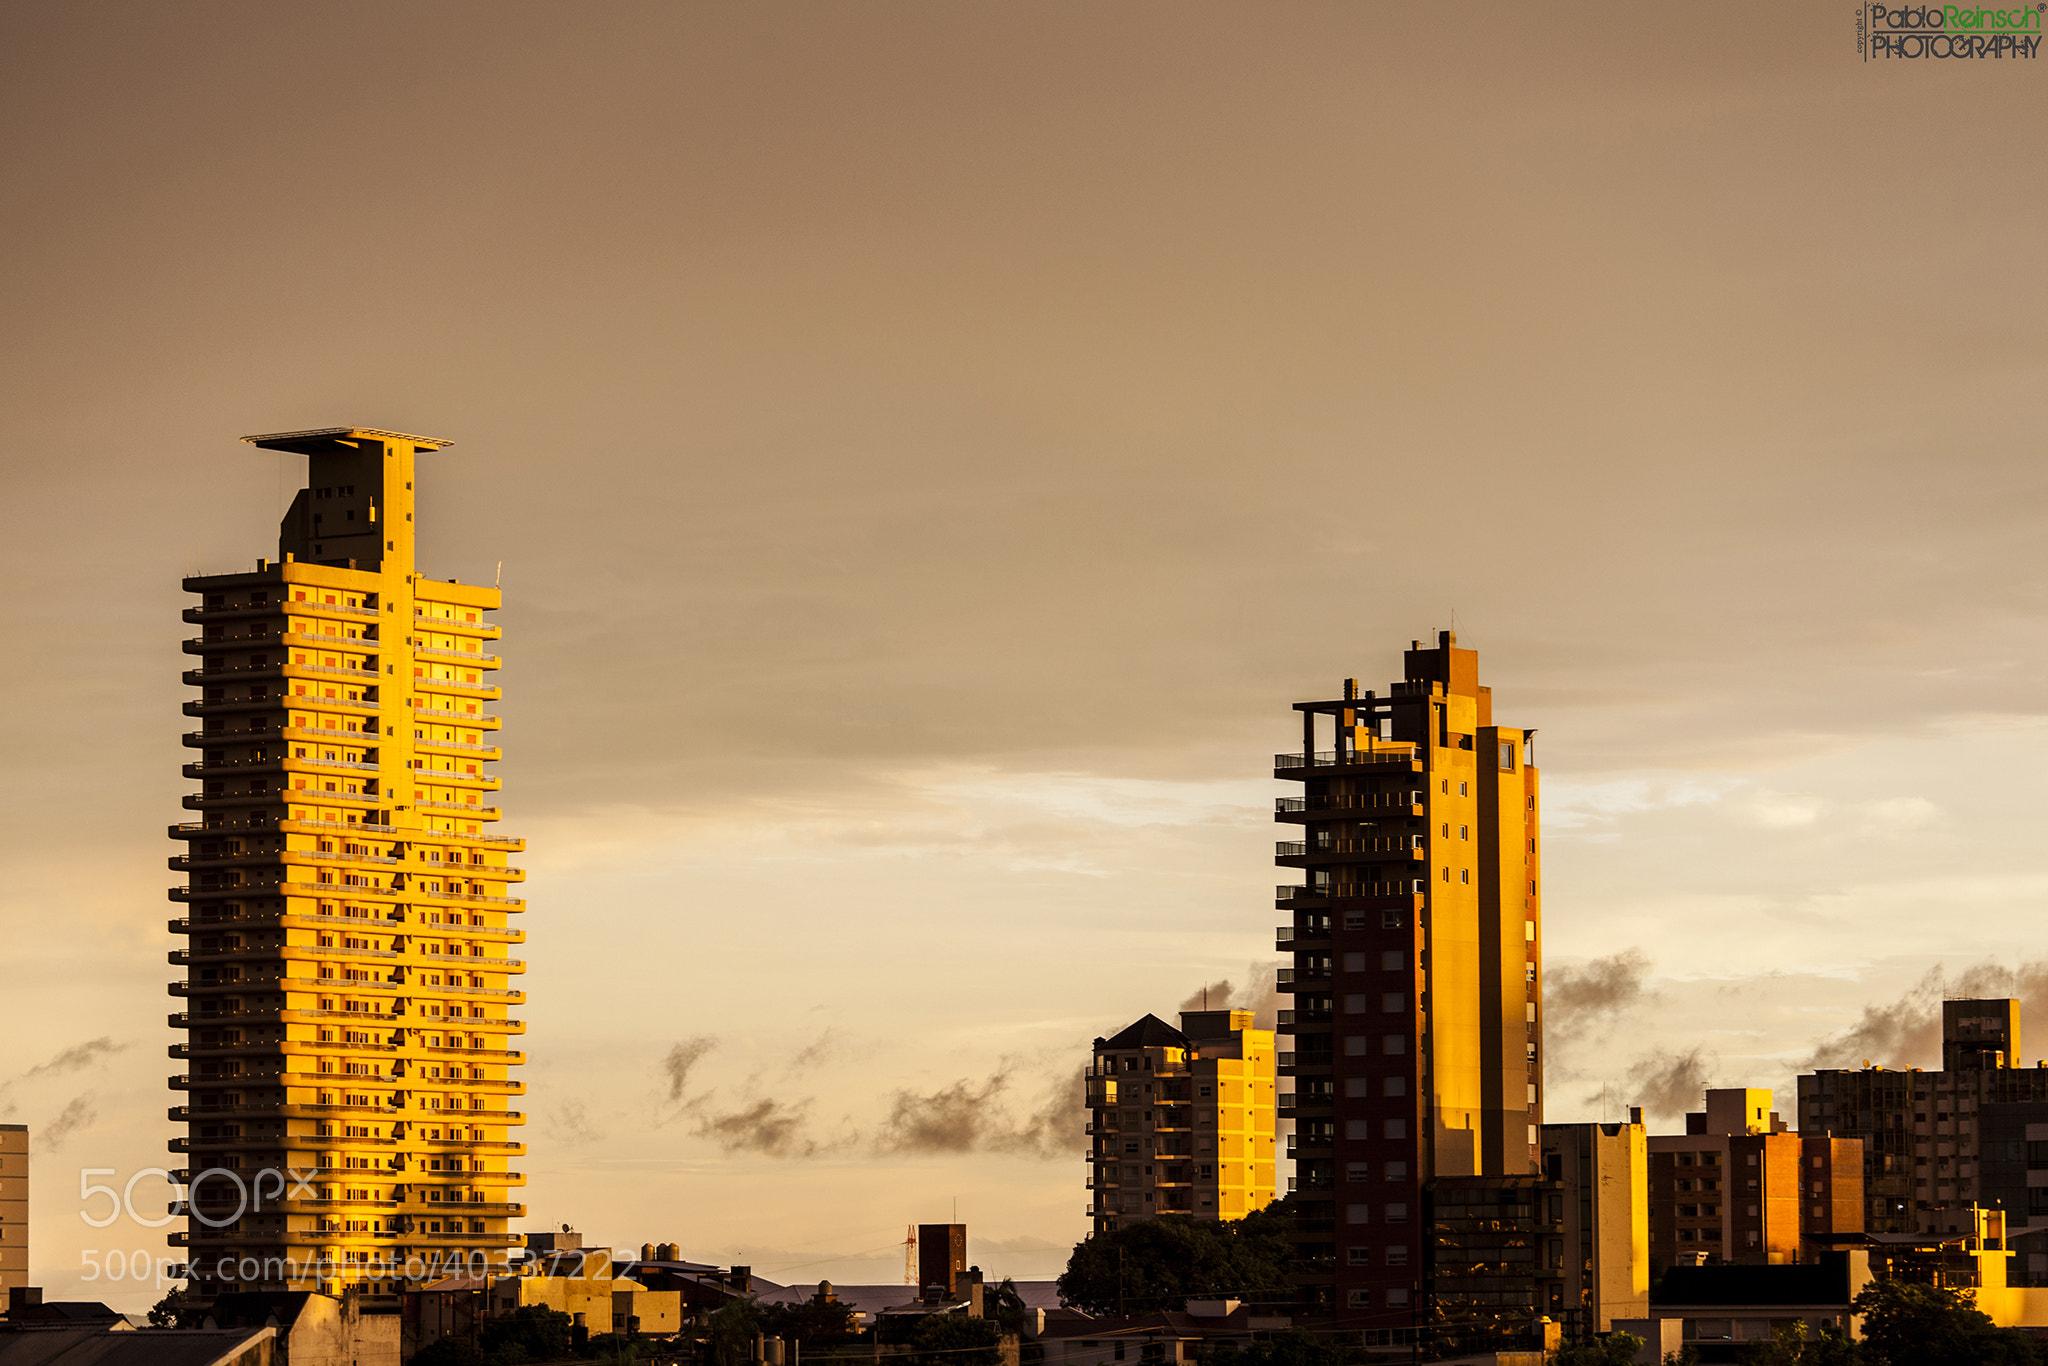 Photograph Edificios dorados.- by Pablo Reinsch on 500px